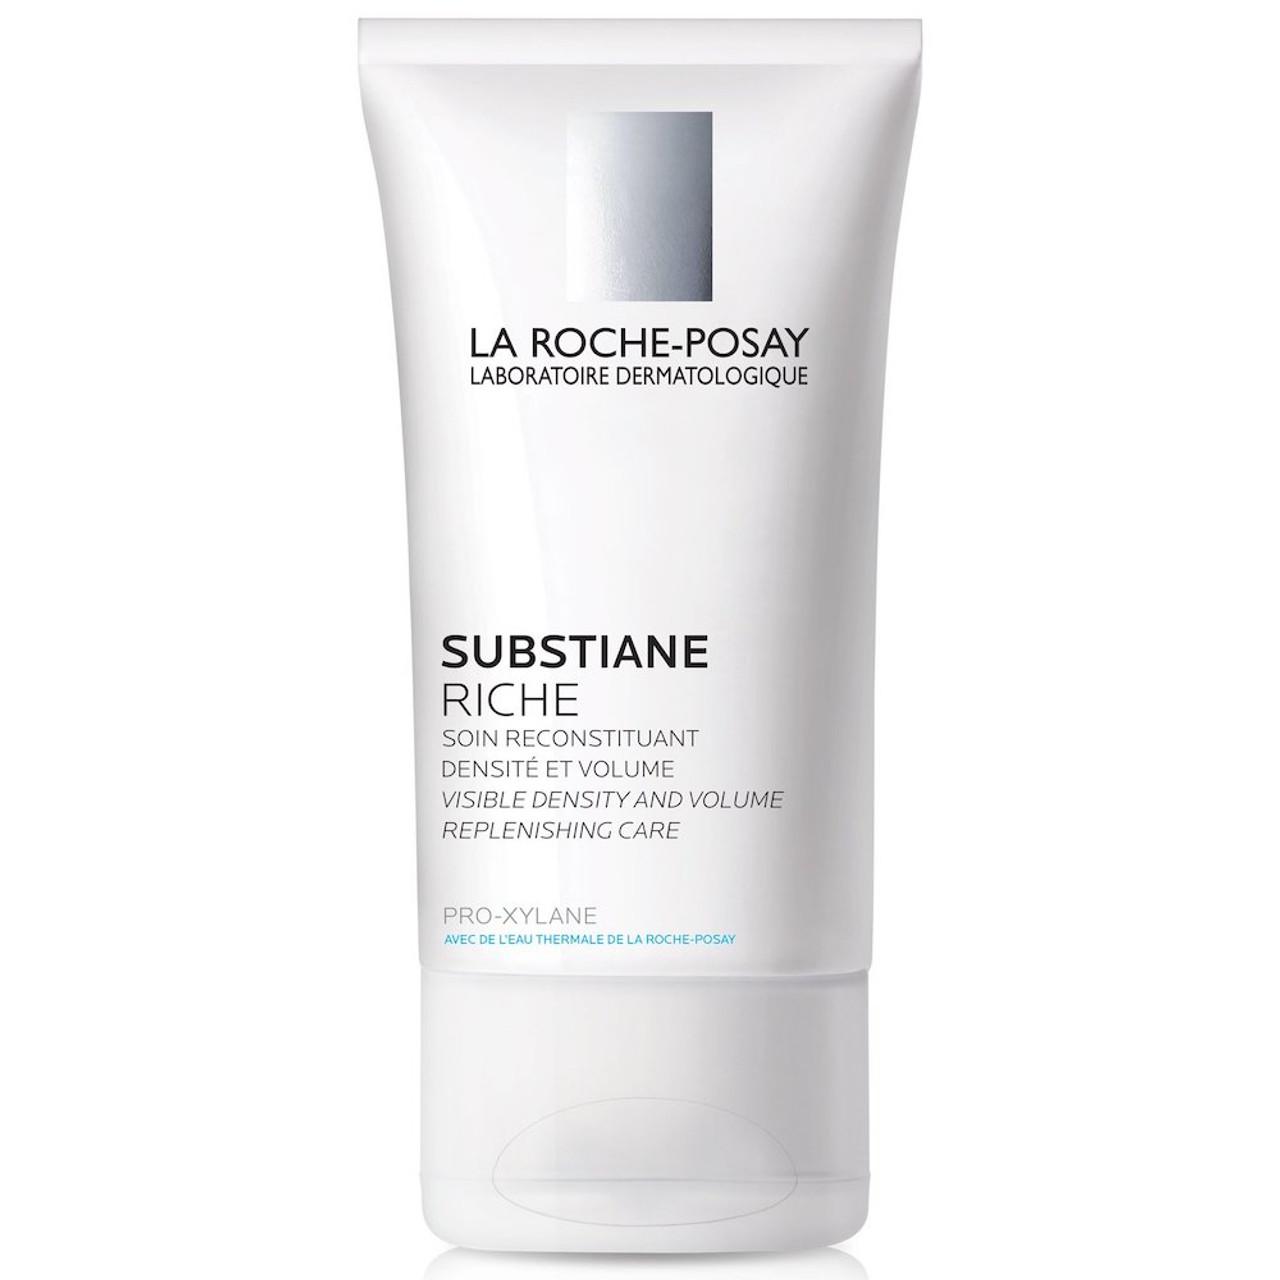 La Roche Posay Substiane Riche Anti-Aging Replenishing Cream BeautifiedYou.com